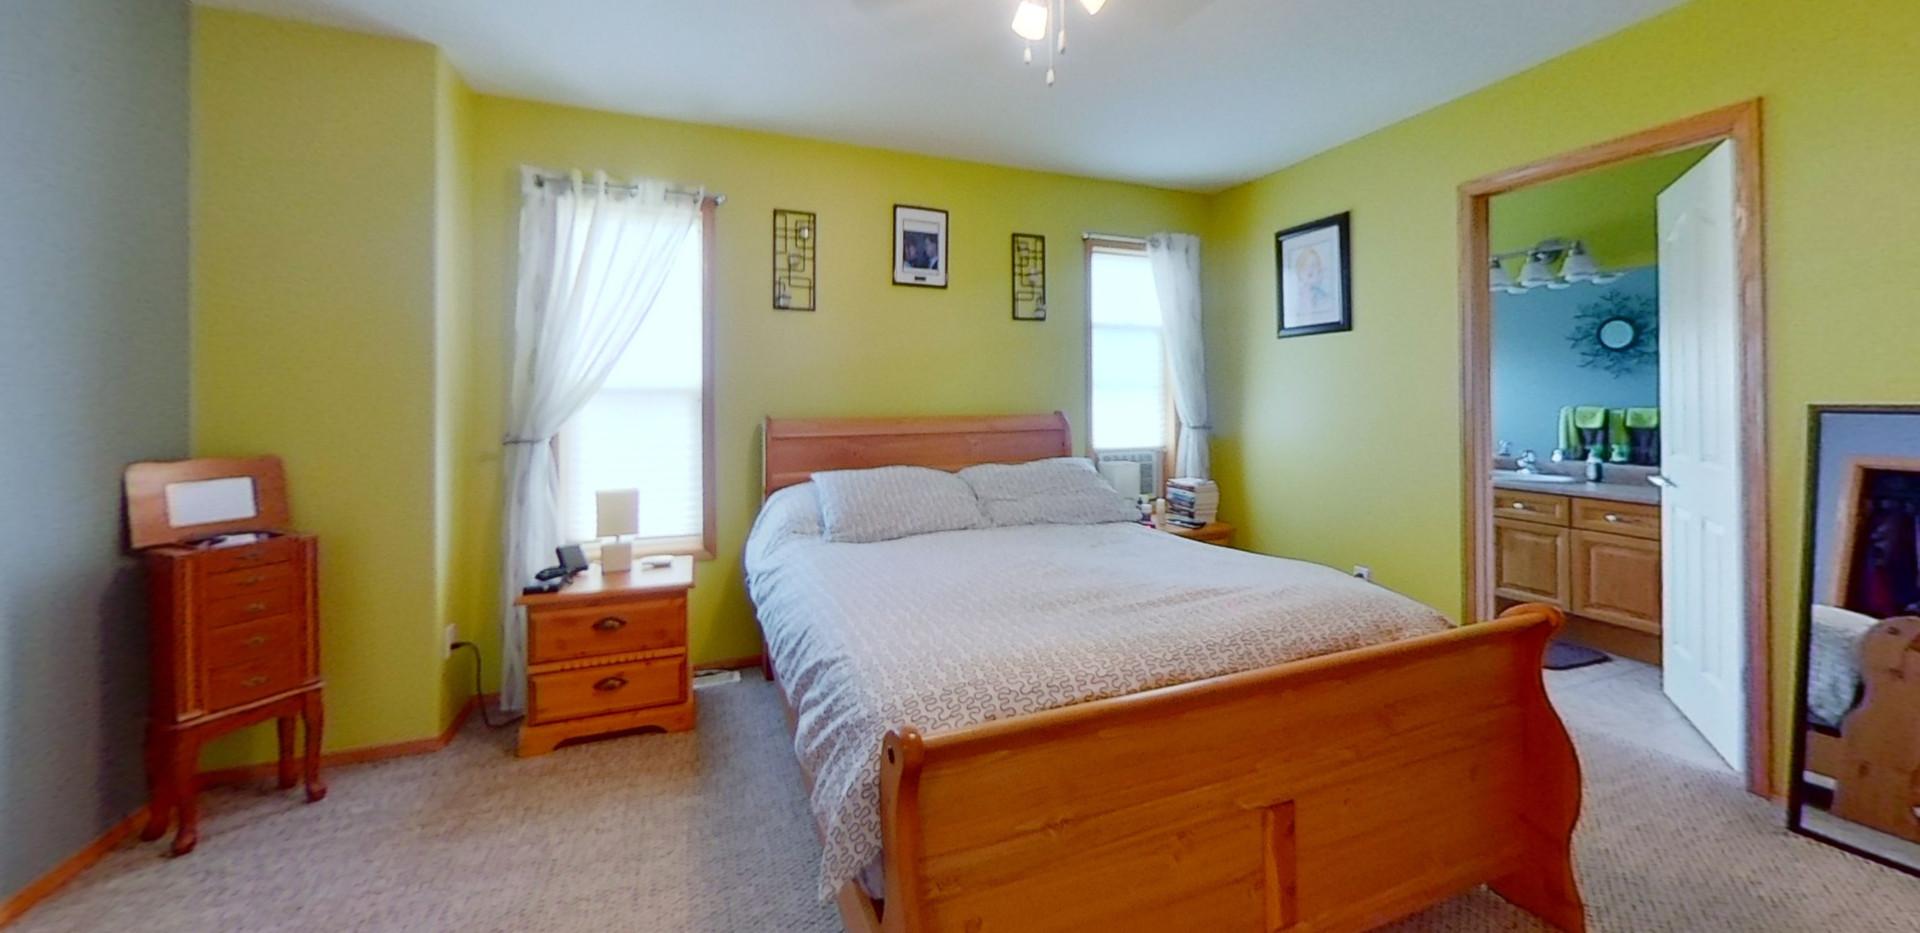 1143-Oakland-Dr-Bedroom.jpg